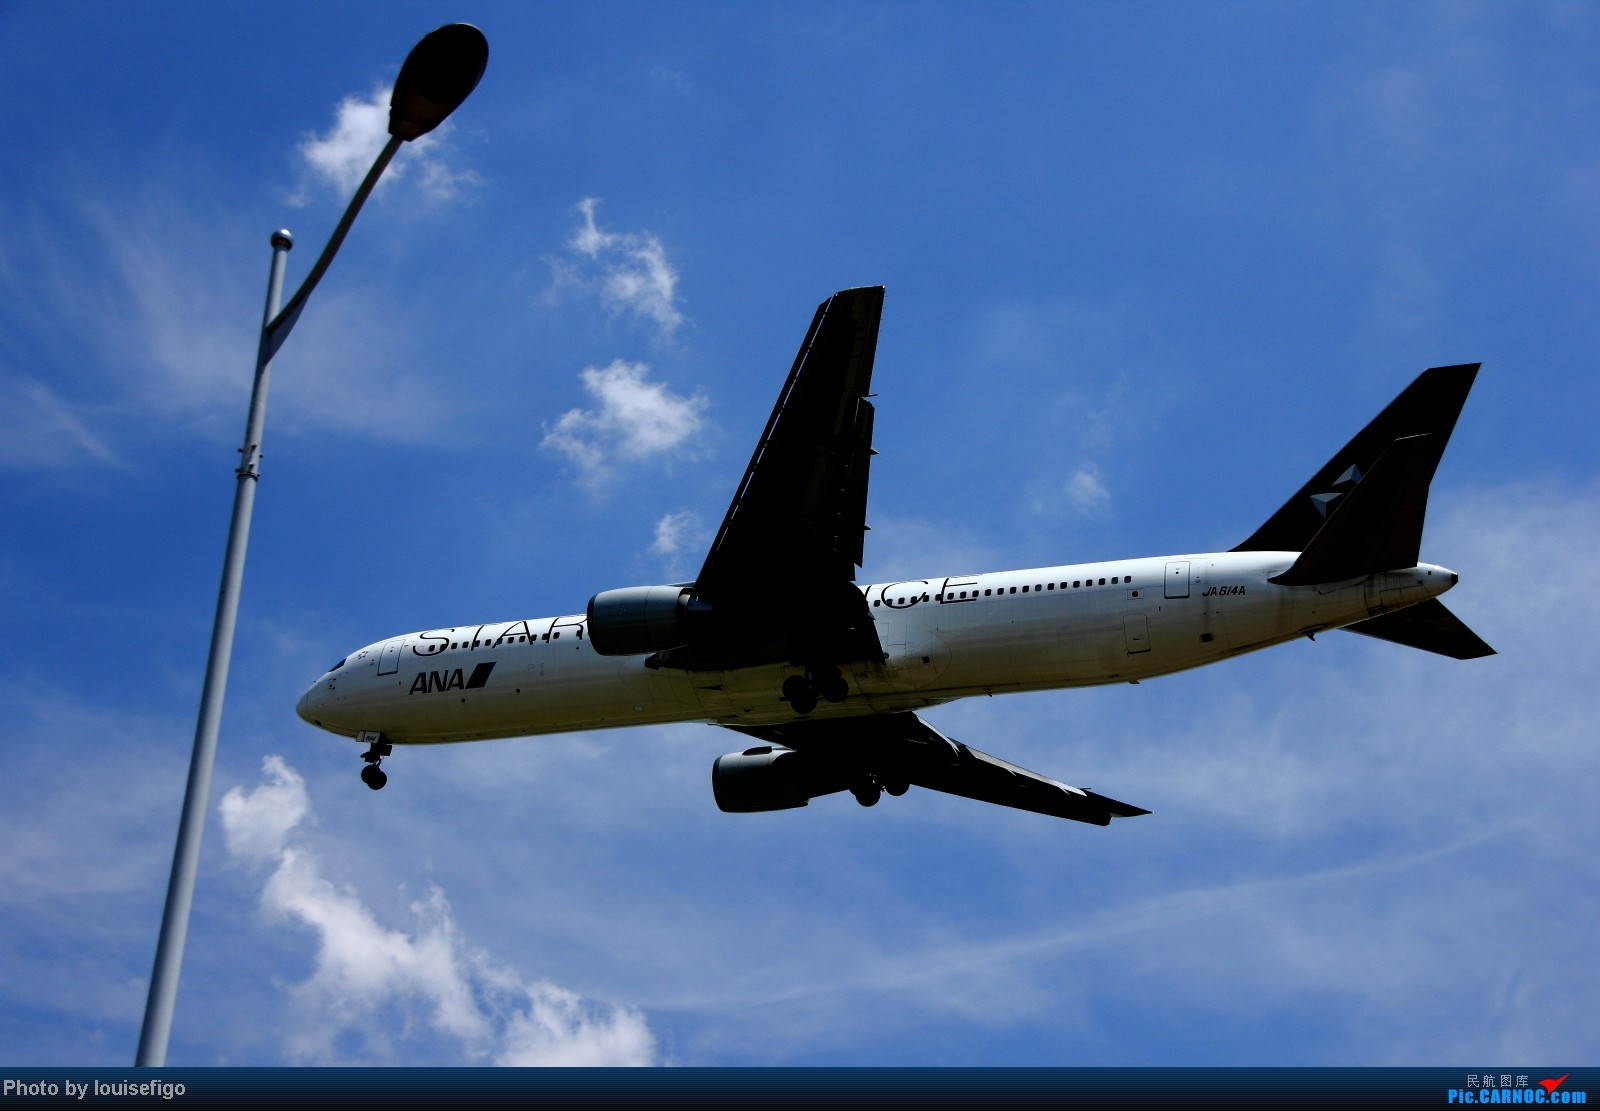 Re:[原创]星空联盟7-23北京代表大会,与会代表来自中美韩埃!~~可惜老天爷貌似对某些代表有情绪! BOEING 767-300 JA614A 北京首都国际机场